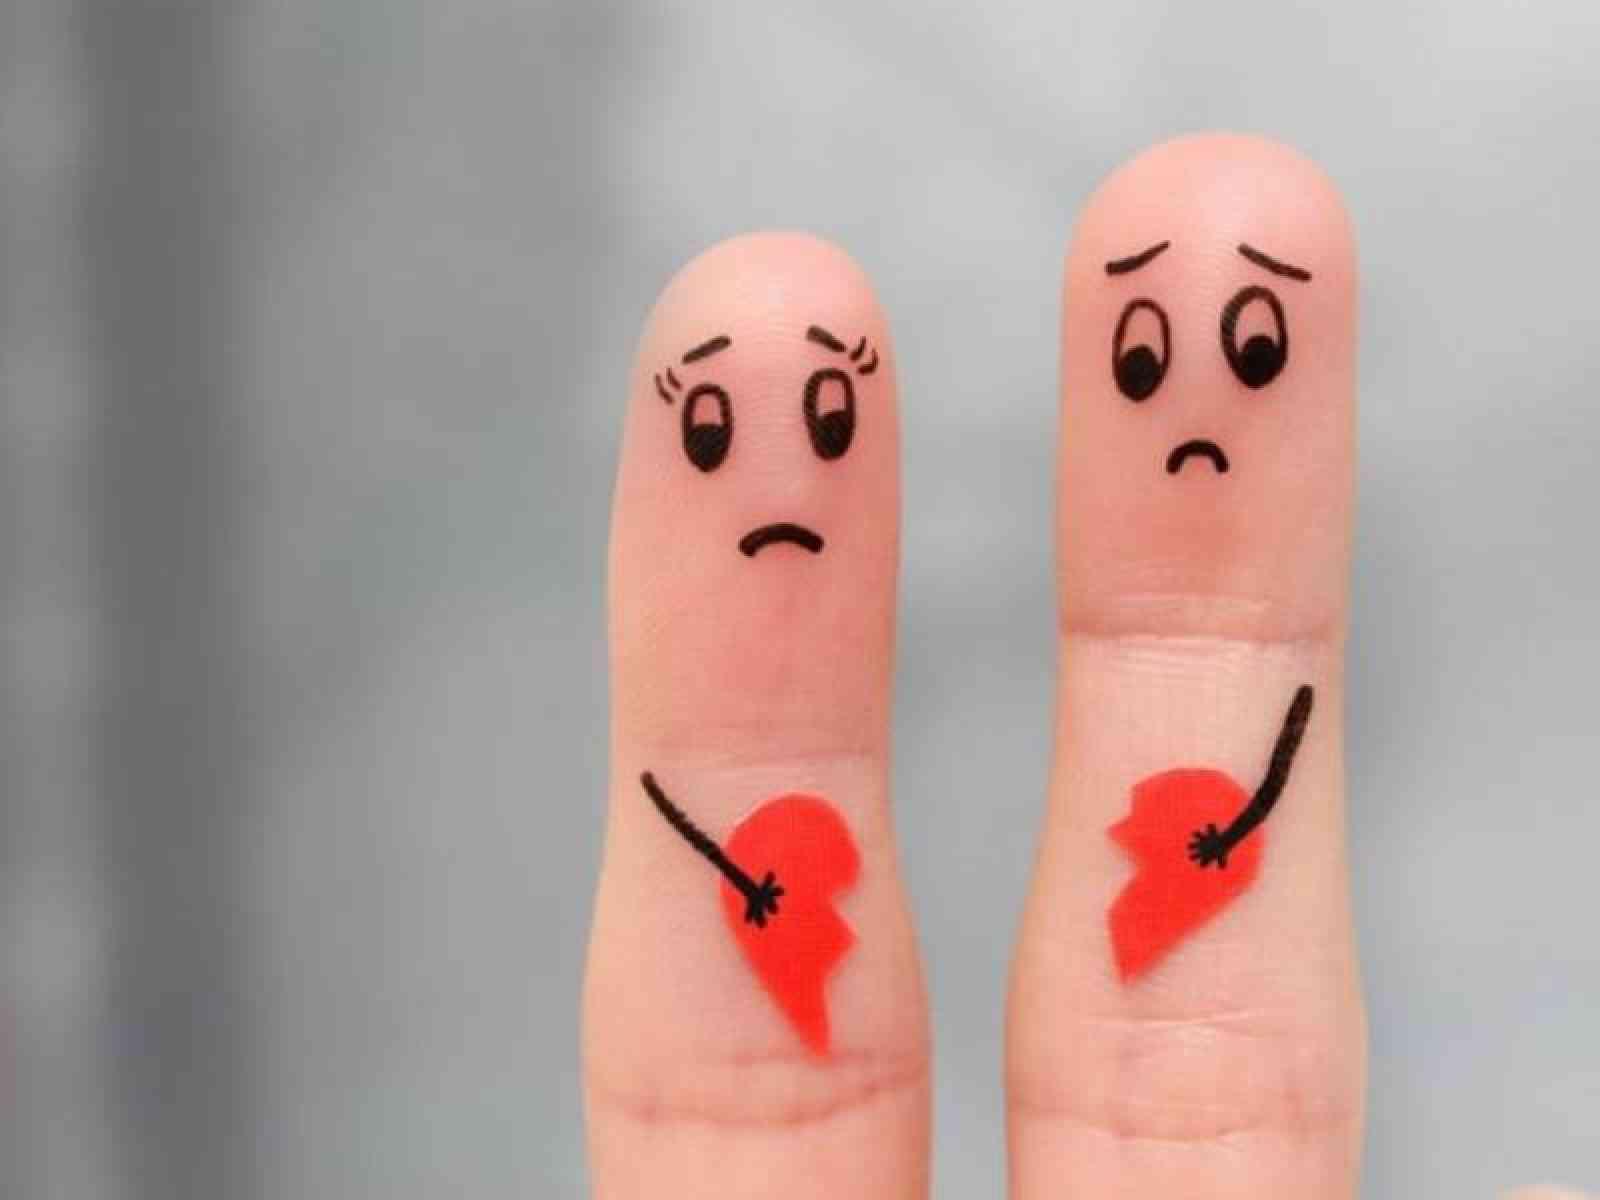 """Immagine articolo: Quando la paura di innamorarsi diventa una patologia chiamata """"Filofobia"""""""